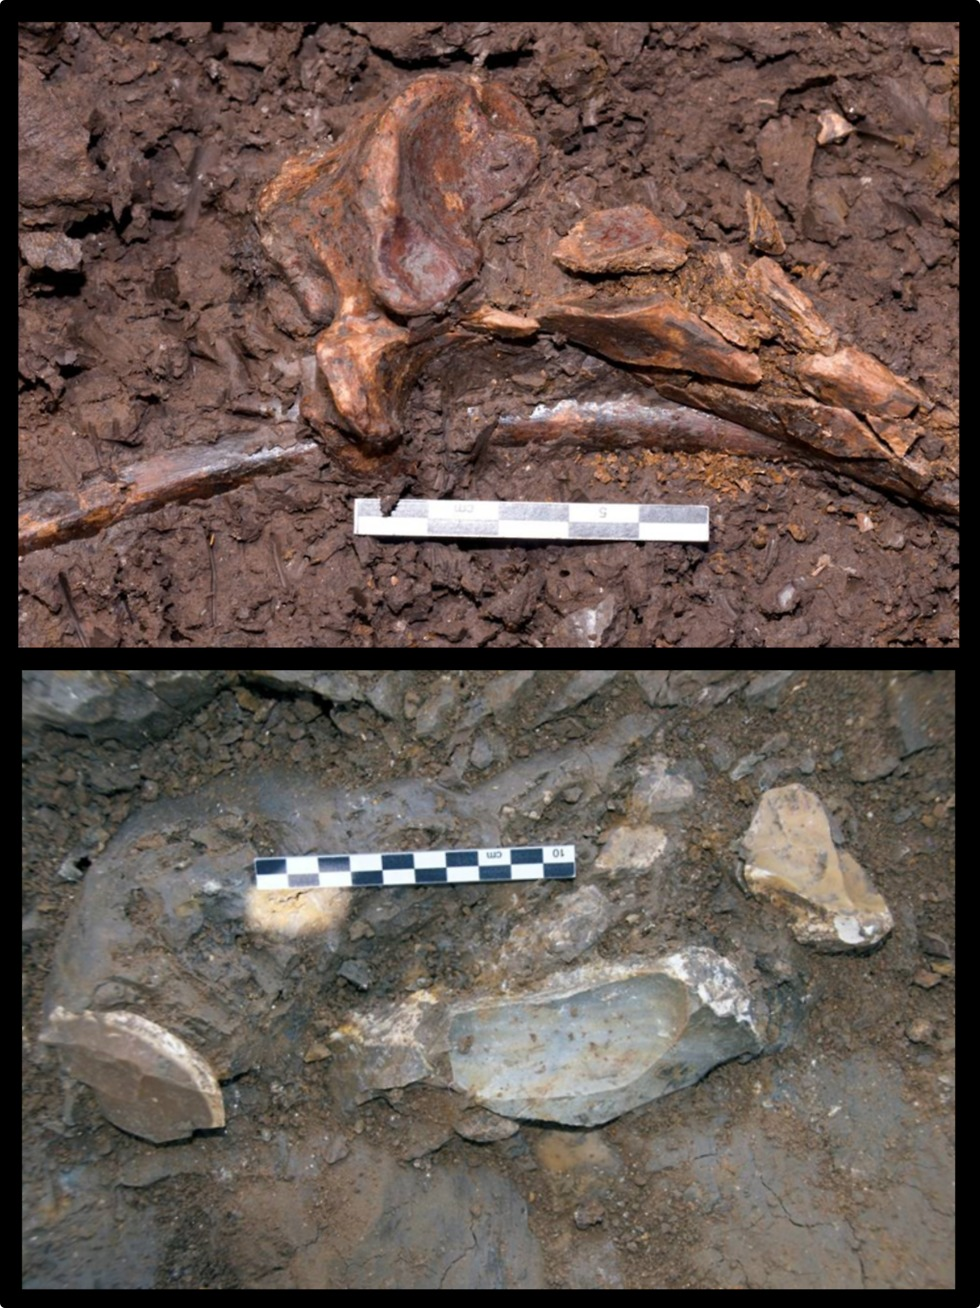 עצמות בעלי חיים (למעלה) ופריטים מסותתים מאבן צור (למטה) (צילום: פרופ' אראלה חוברס, האוניברסיטה העברית)